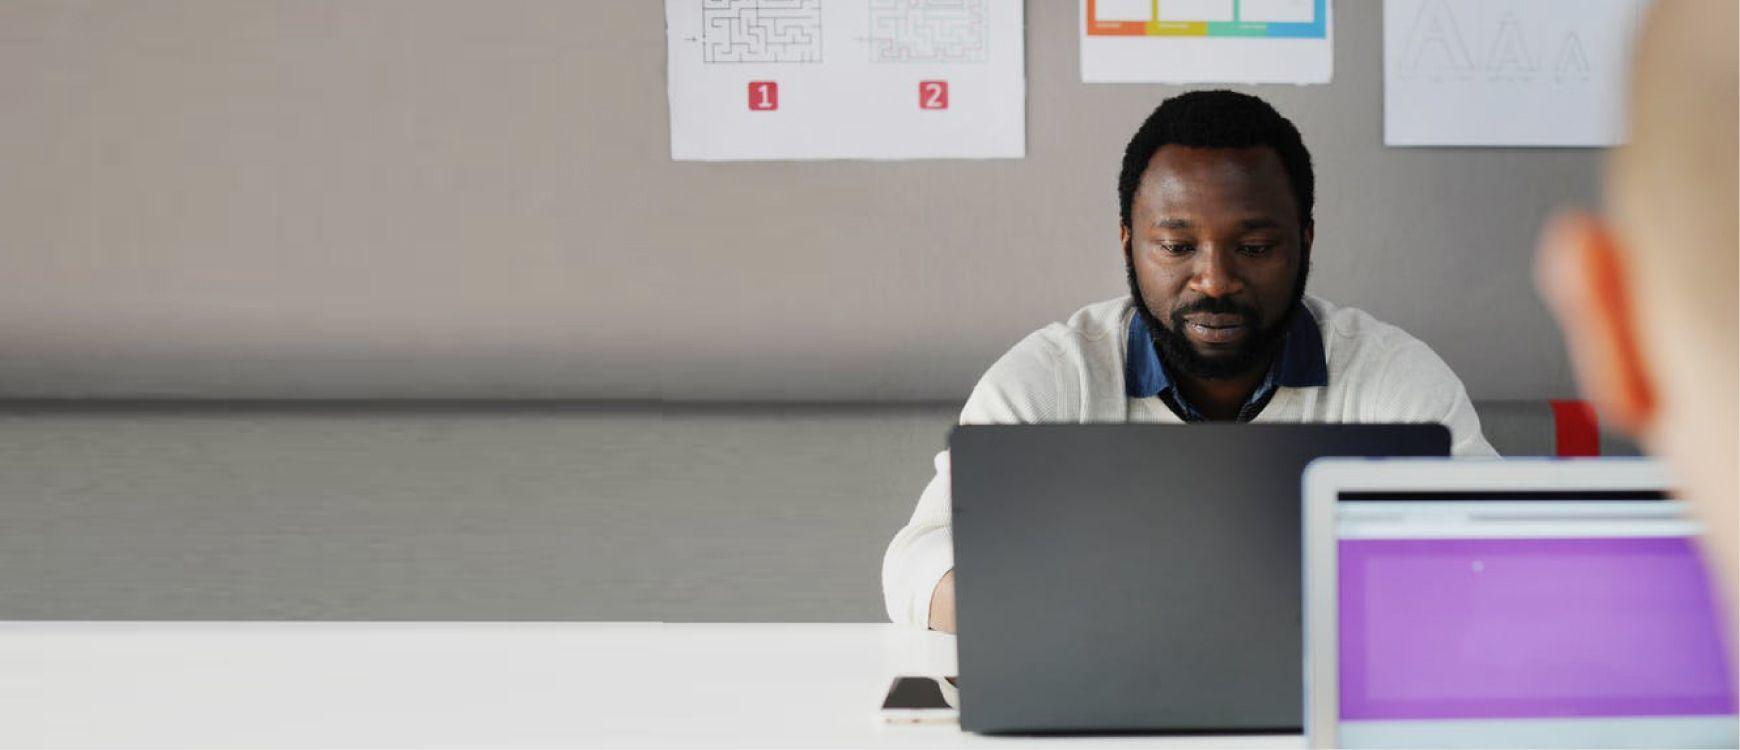 TECI: Technology Essentials Core Initiative